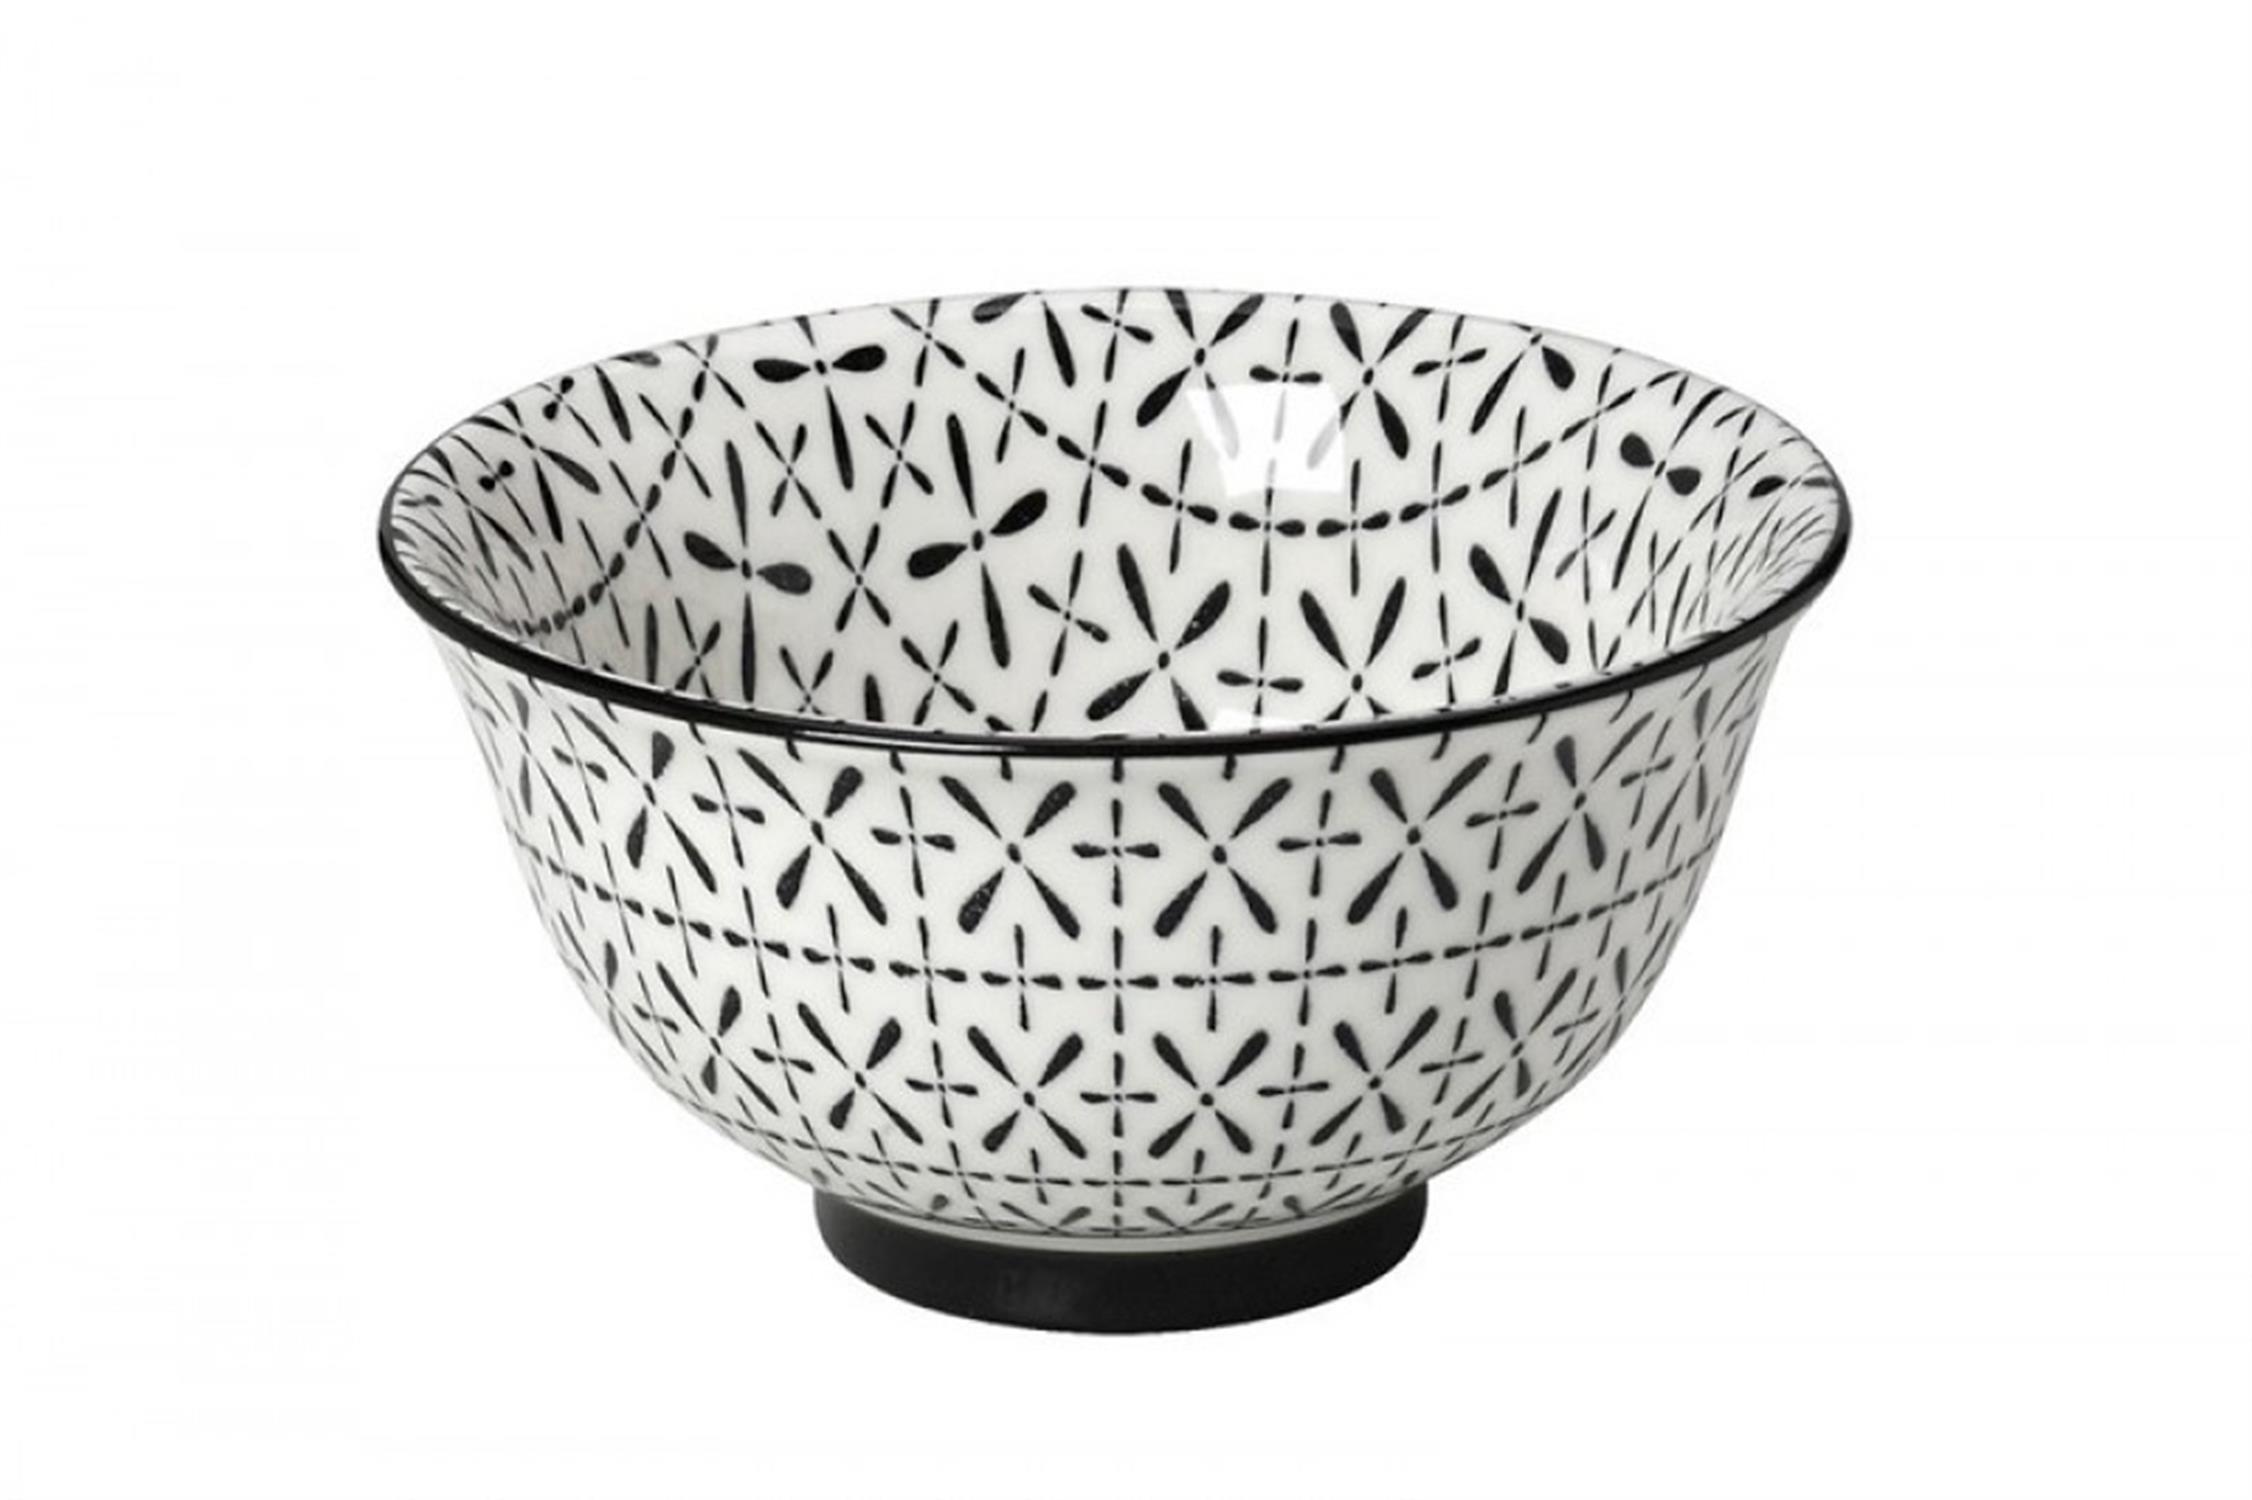 Μπωλ Layla stoneware μαύρο/λευκό 17x17x8.3cm Espiel GUI349K6